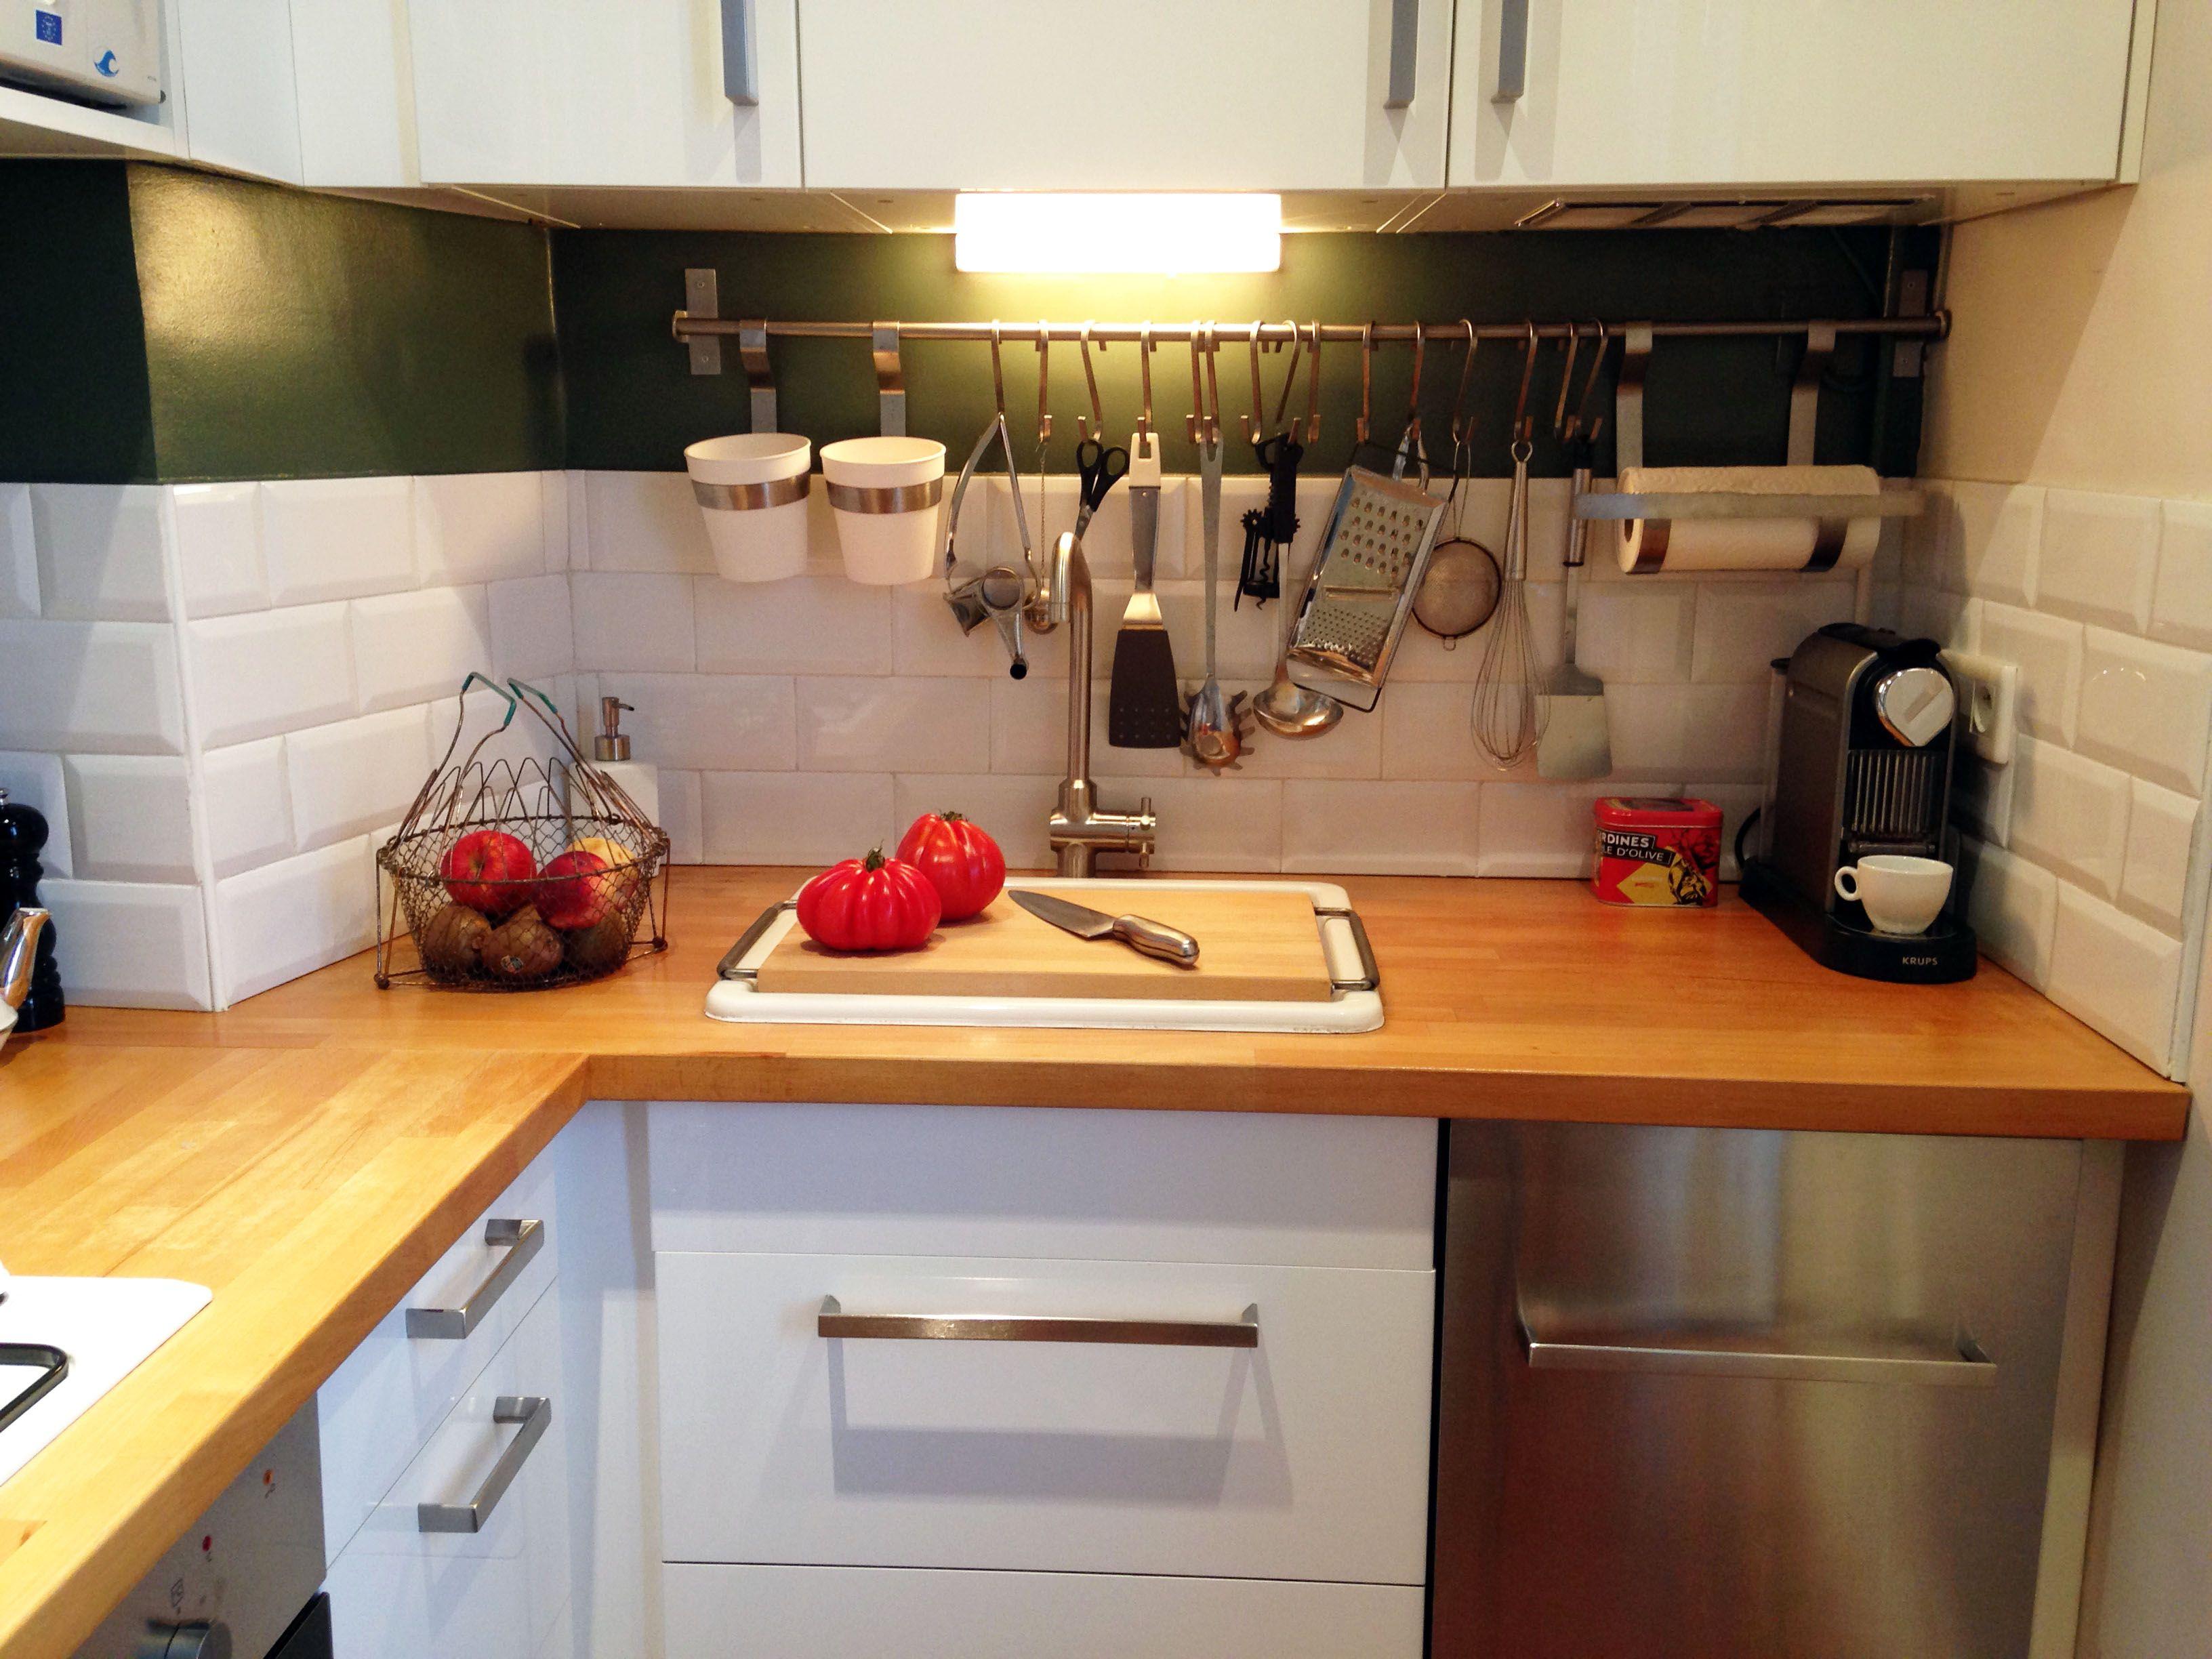 Cuisine blanche avec plan de travail en bois et carreaux - Cuisine blanche avec plan de travail bois ...